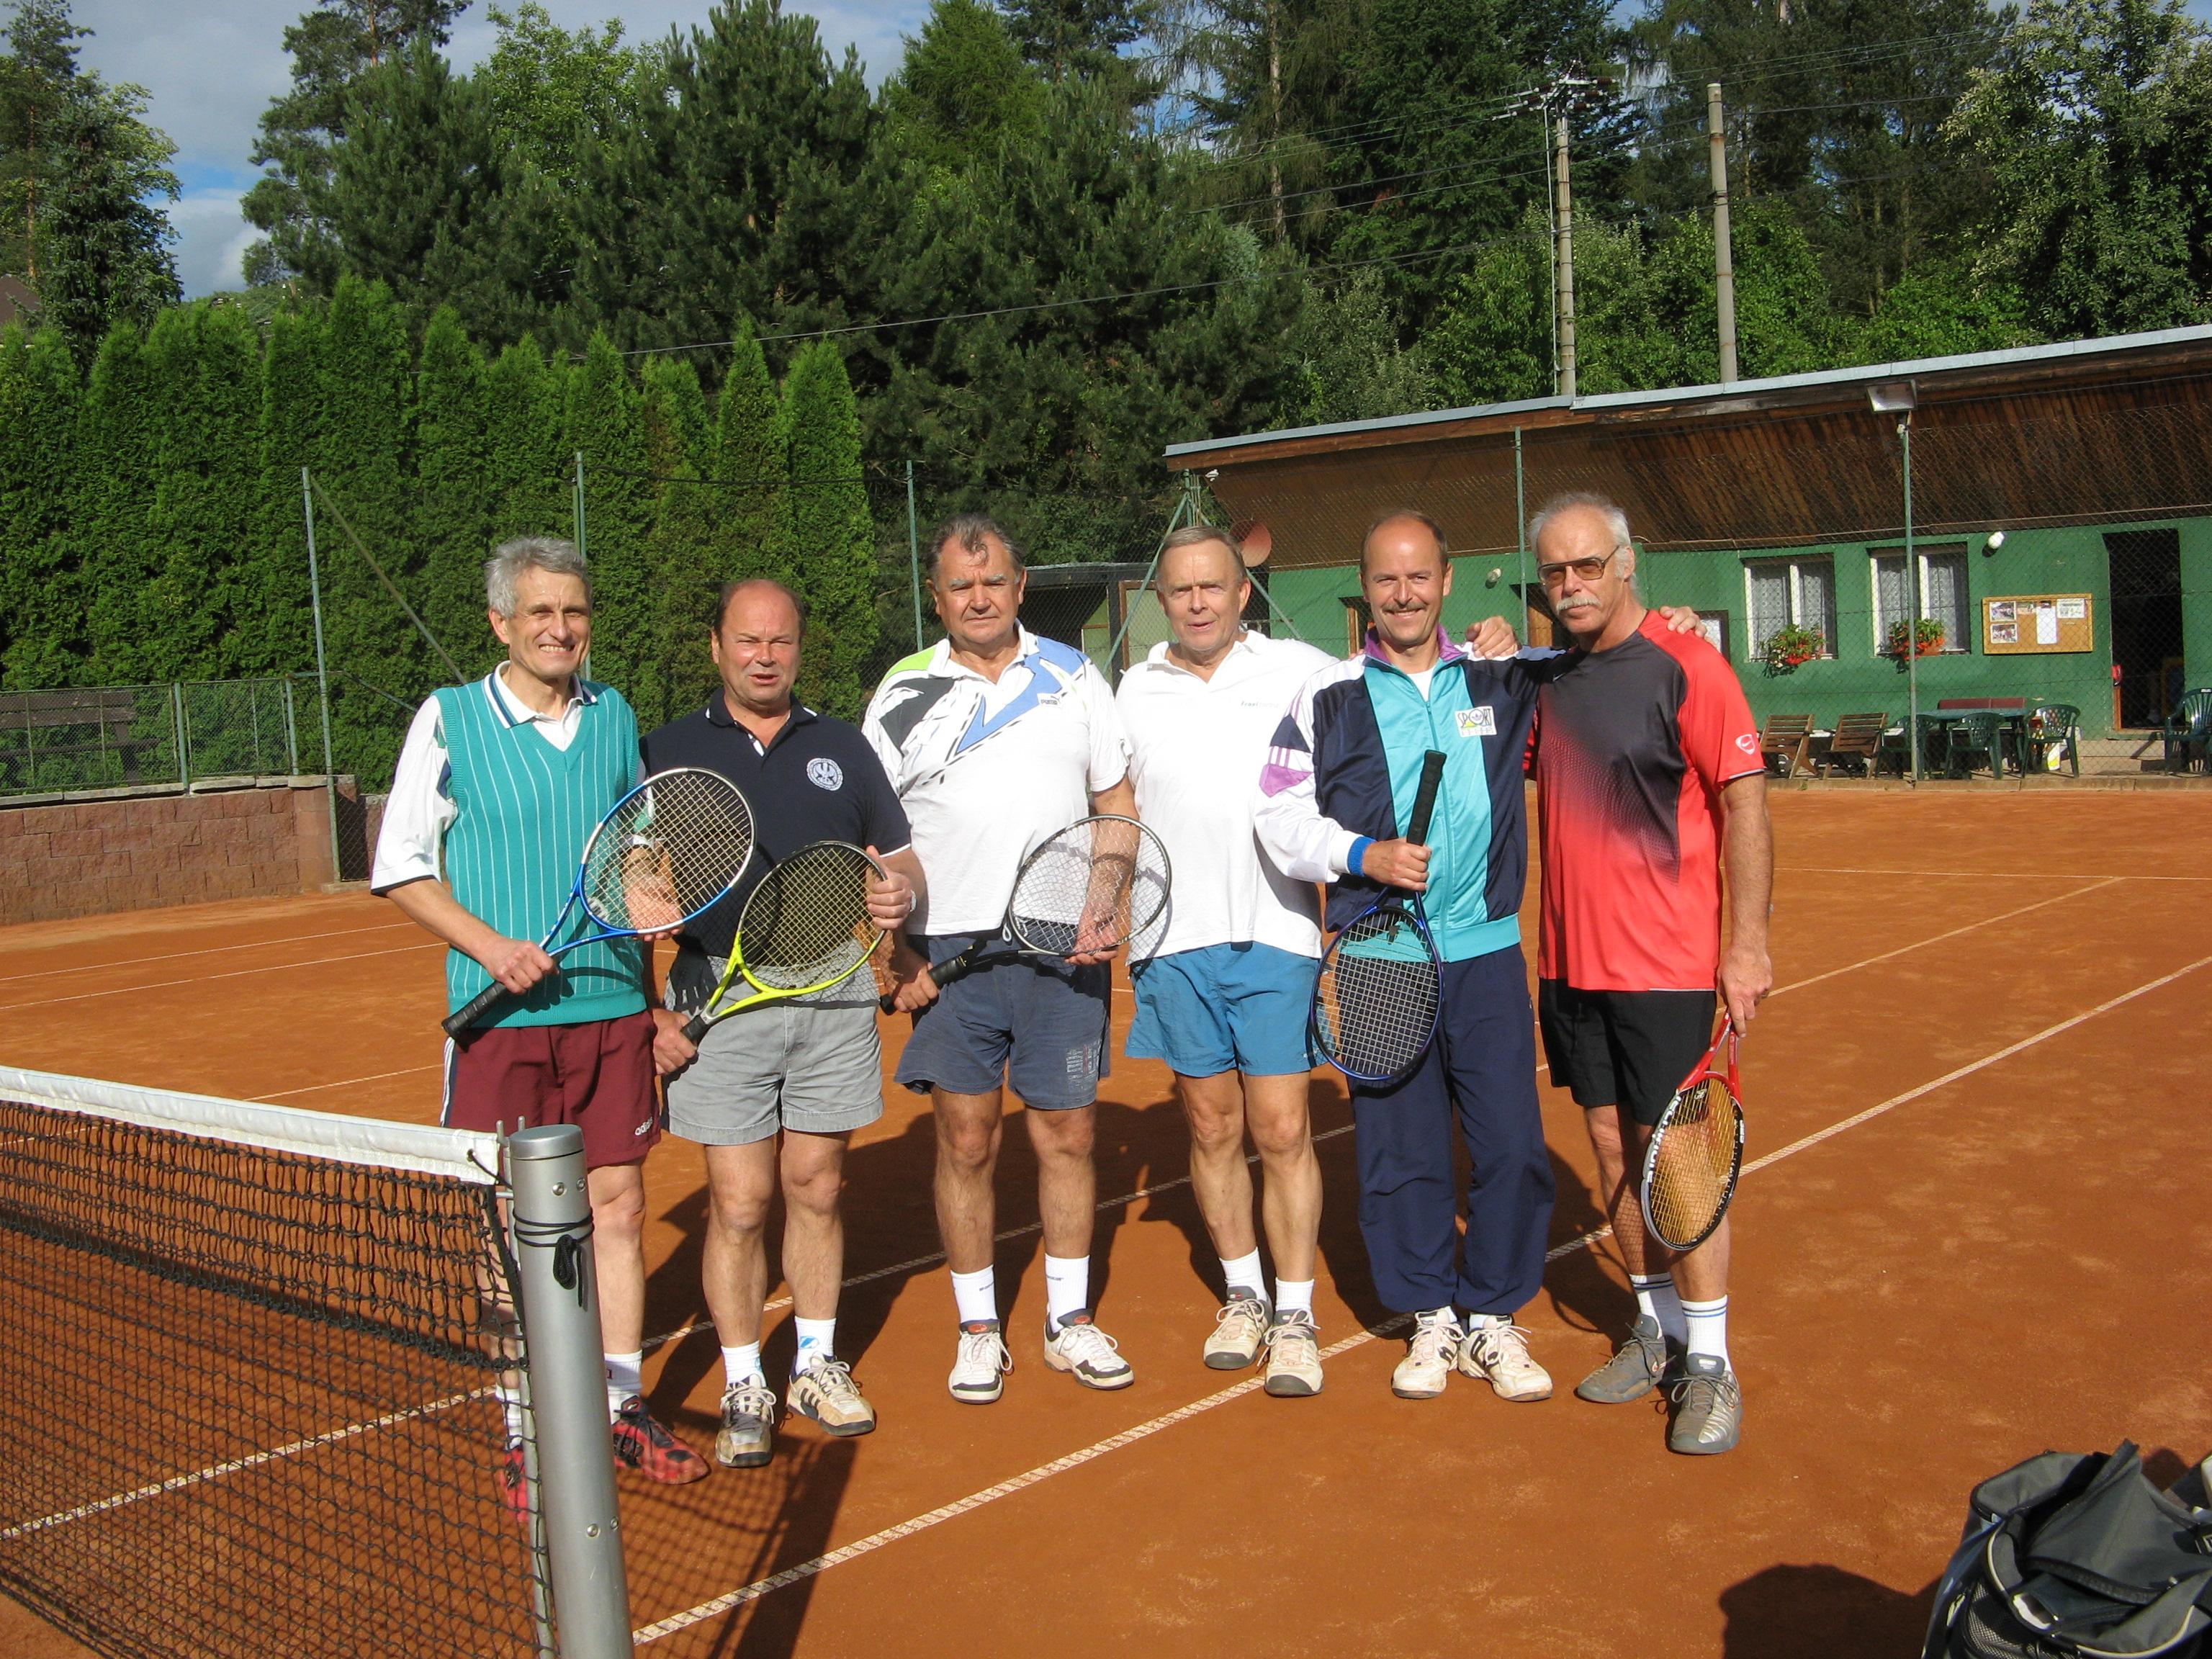 Účastníci měchenické profesorské tenisové čtyřhry 2007